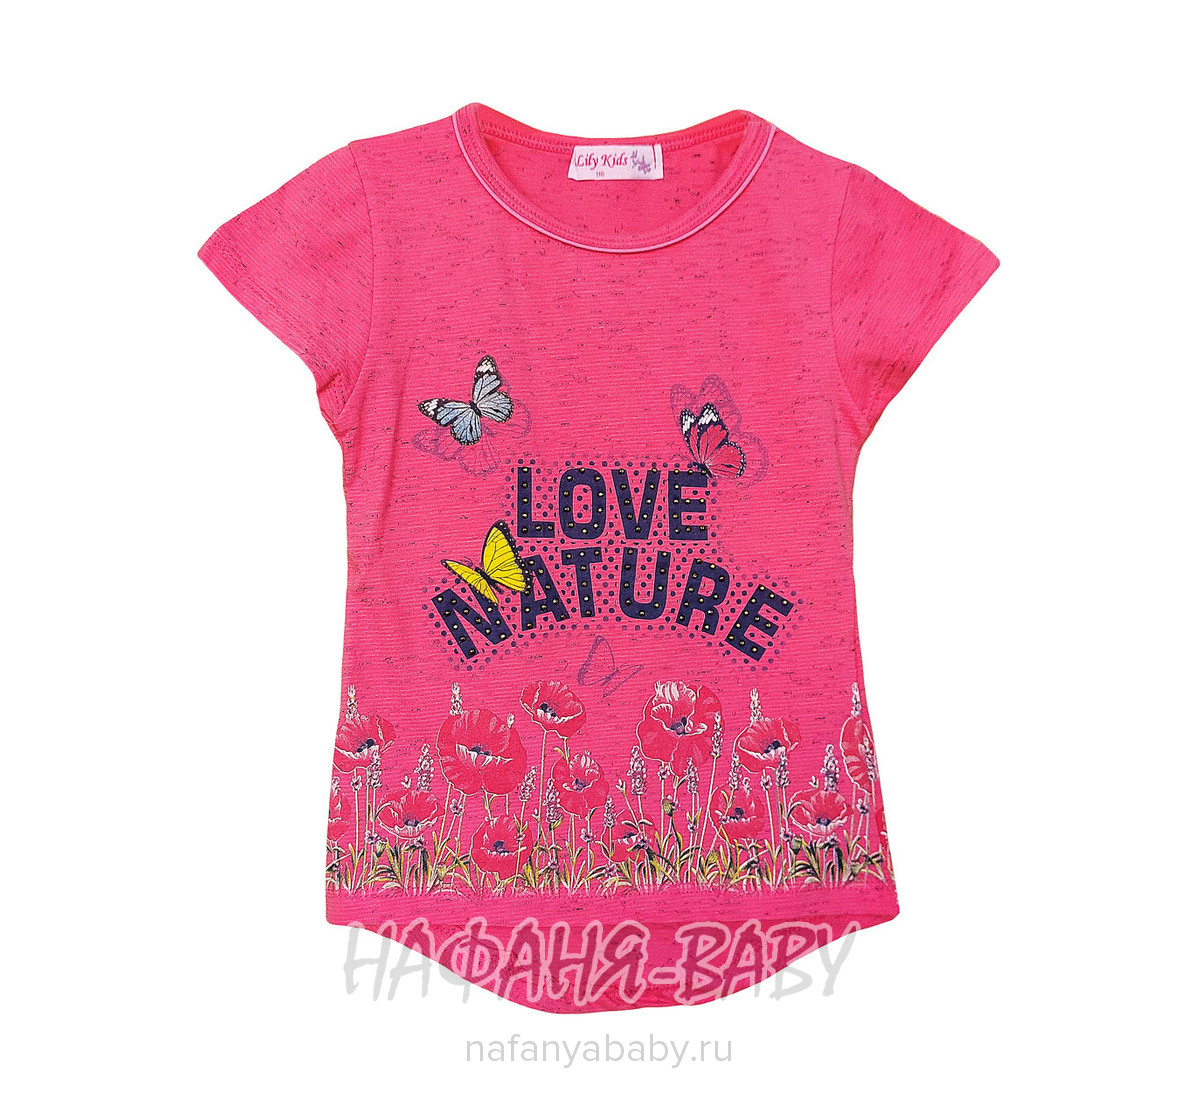 Детская футболка LILY Kids арт: 3507, 5-9 лет, 1-4 года, цвет малиновый меланж, оптом Турция